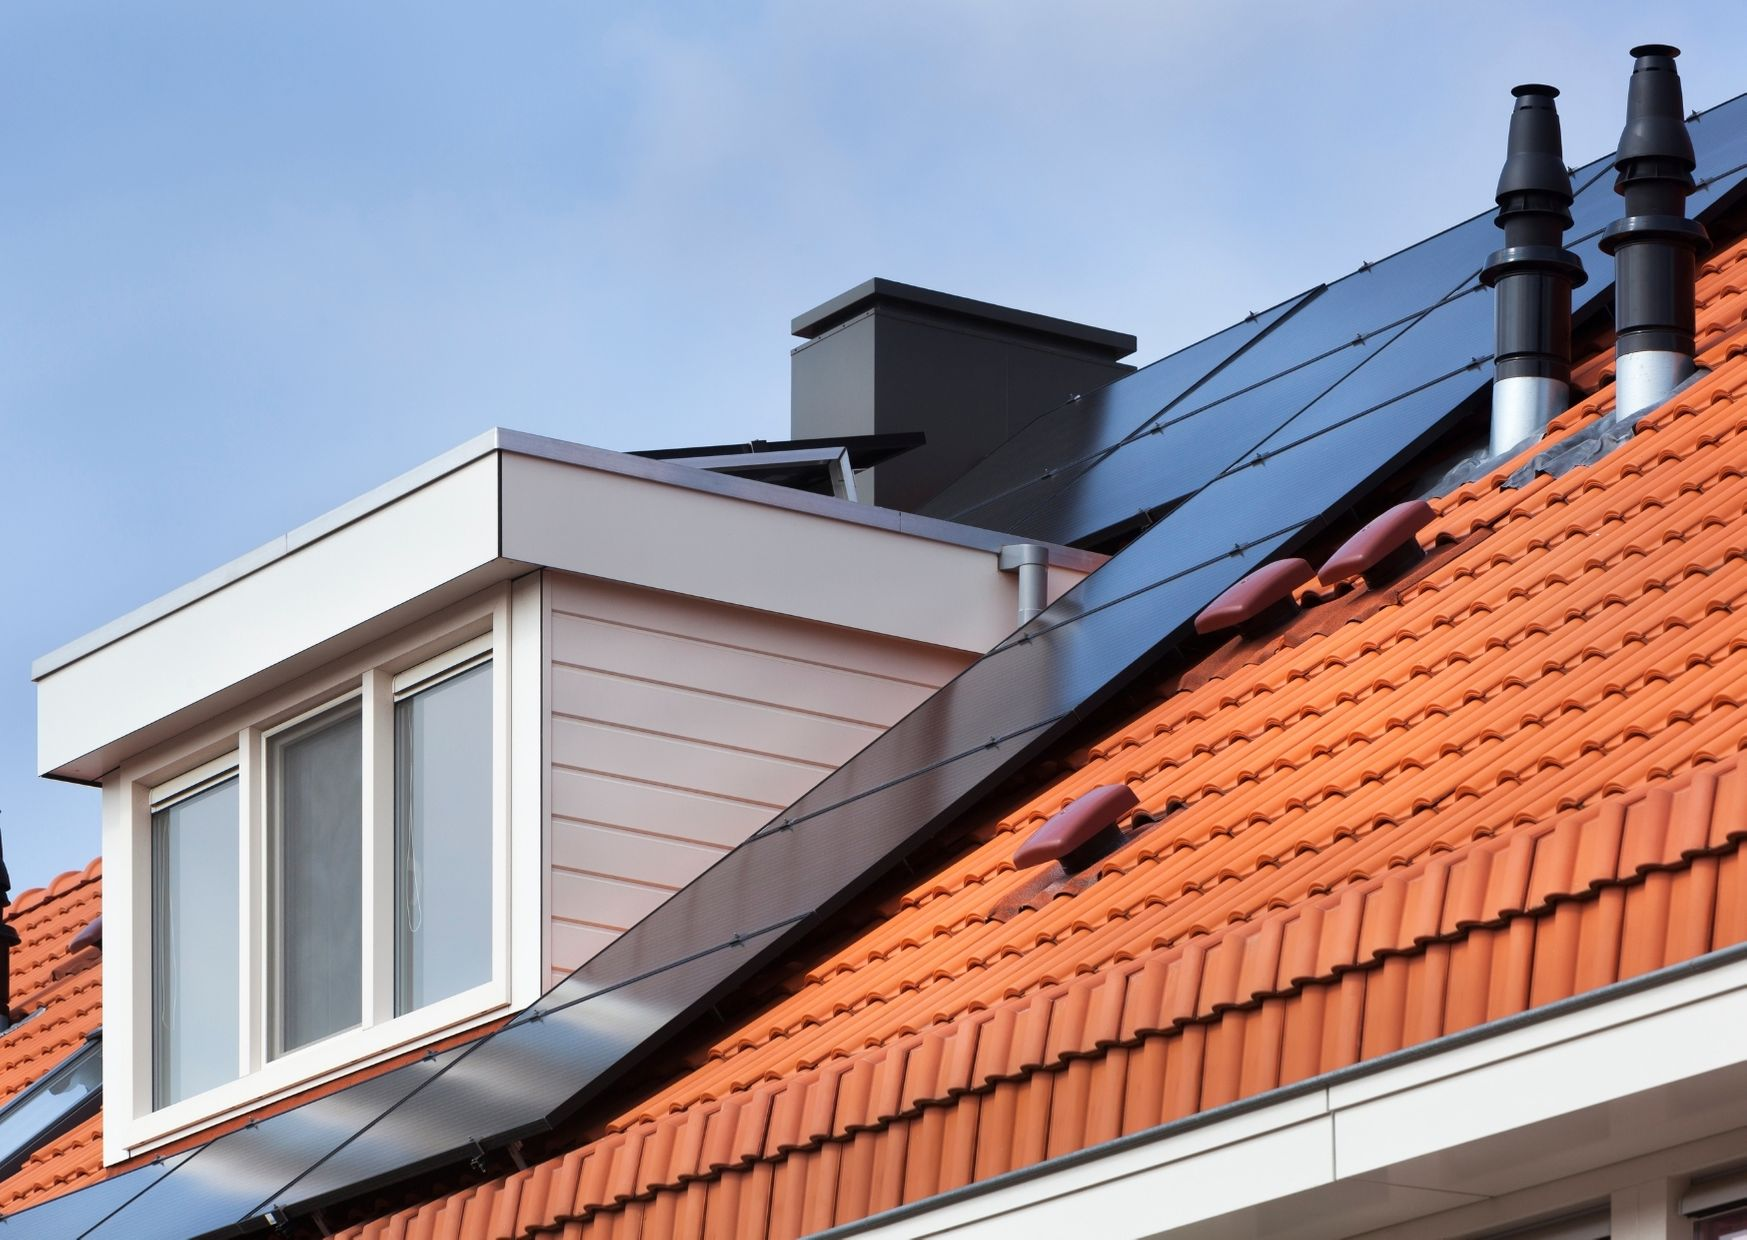 Warmtepomp met zonnepanelen, de ideale combi